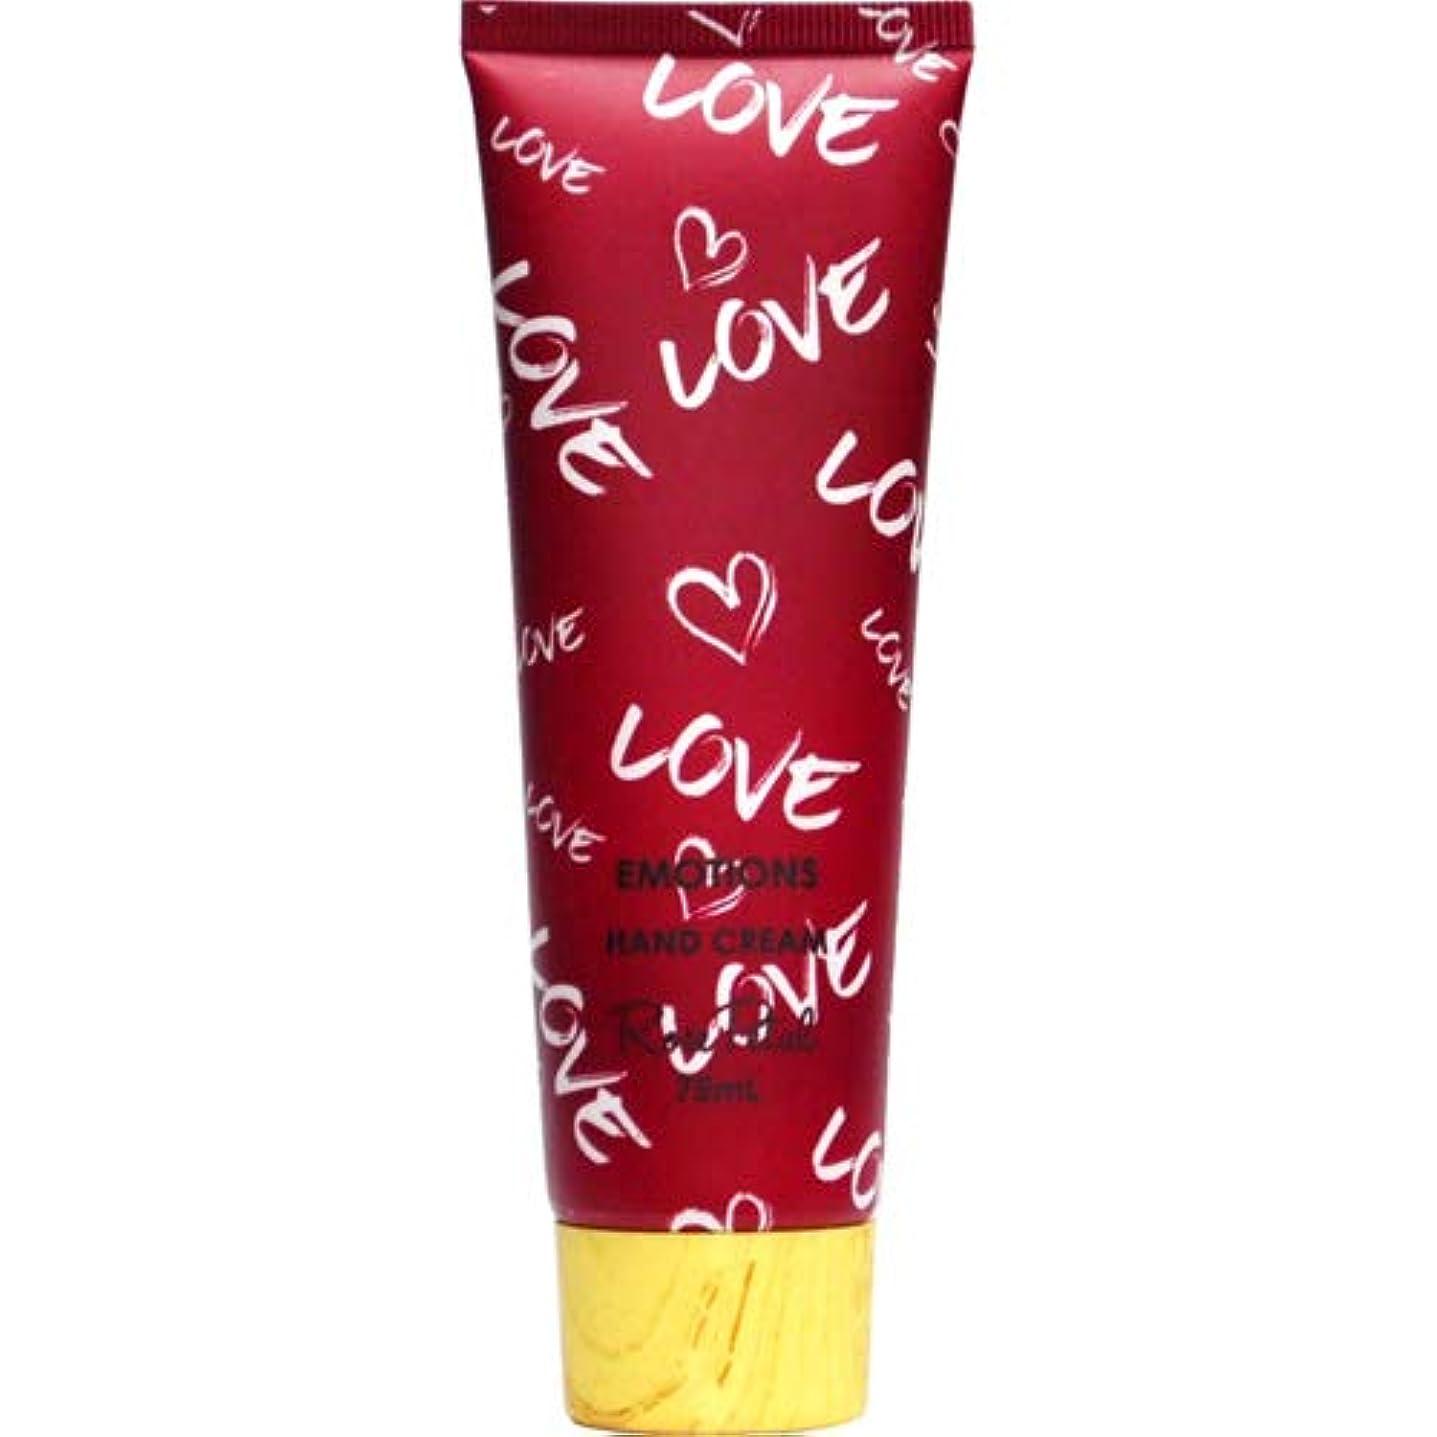 真実撃退する吹雪三和トレーディング EMOTIONS エモーション Hand Cream ハンドクリーム Love ラブ(Rose Petal ローズペタル)